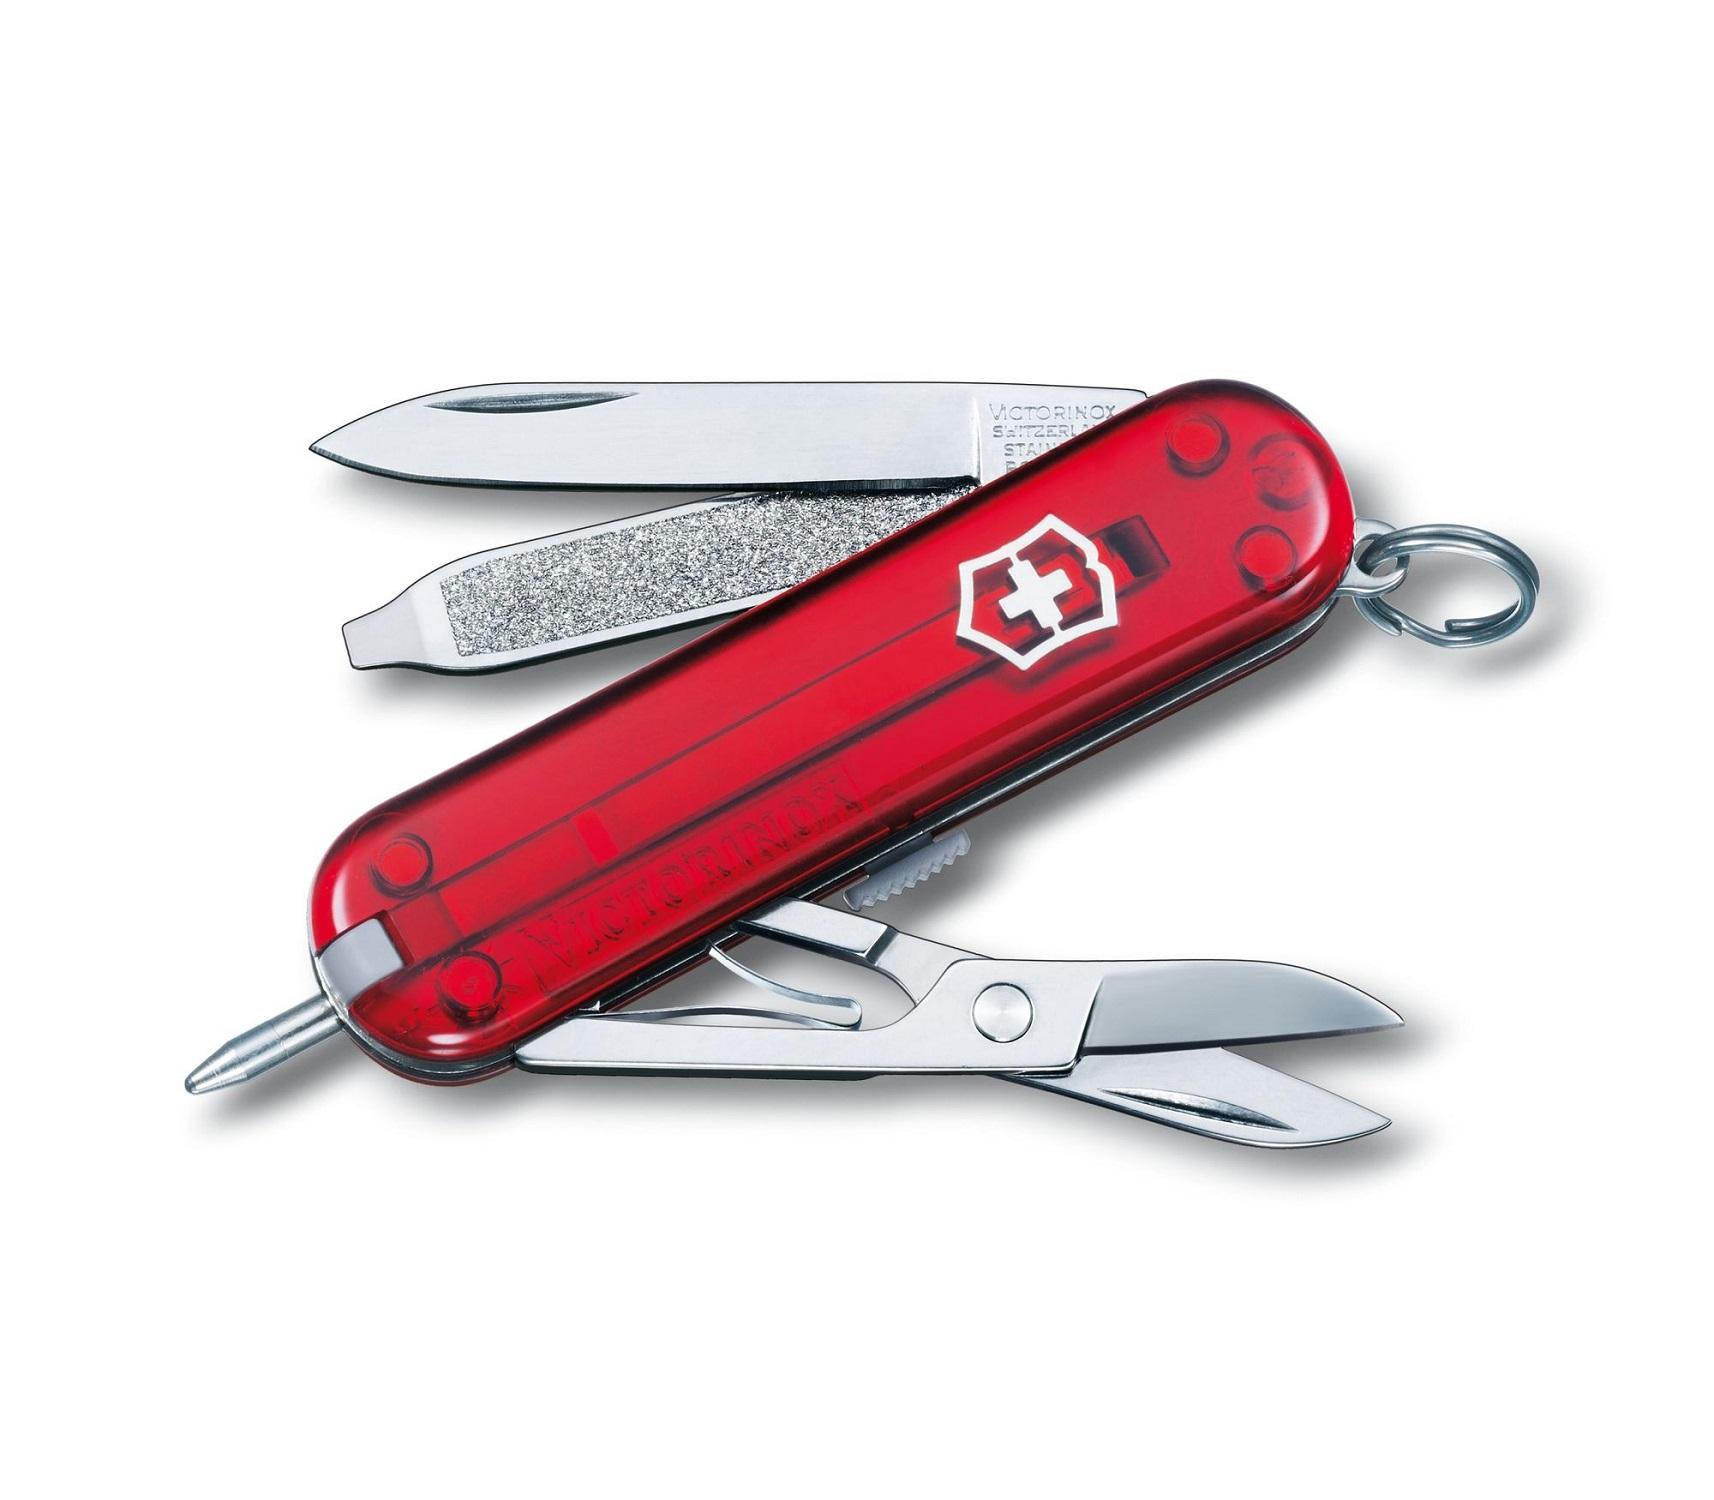 Mini Canivete Suíço Signature Lite Victorinox com caneta e lanterna 7 funções  - Mix Eletro